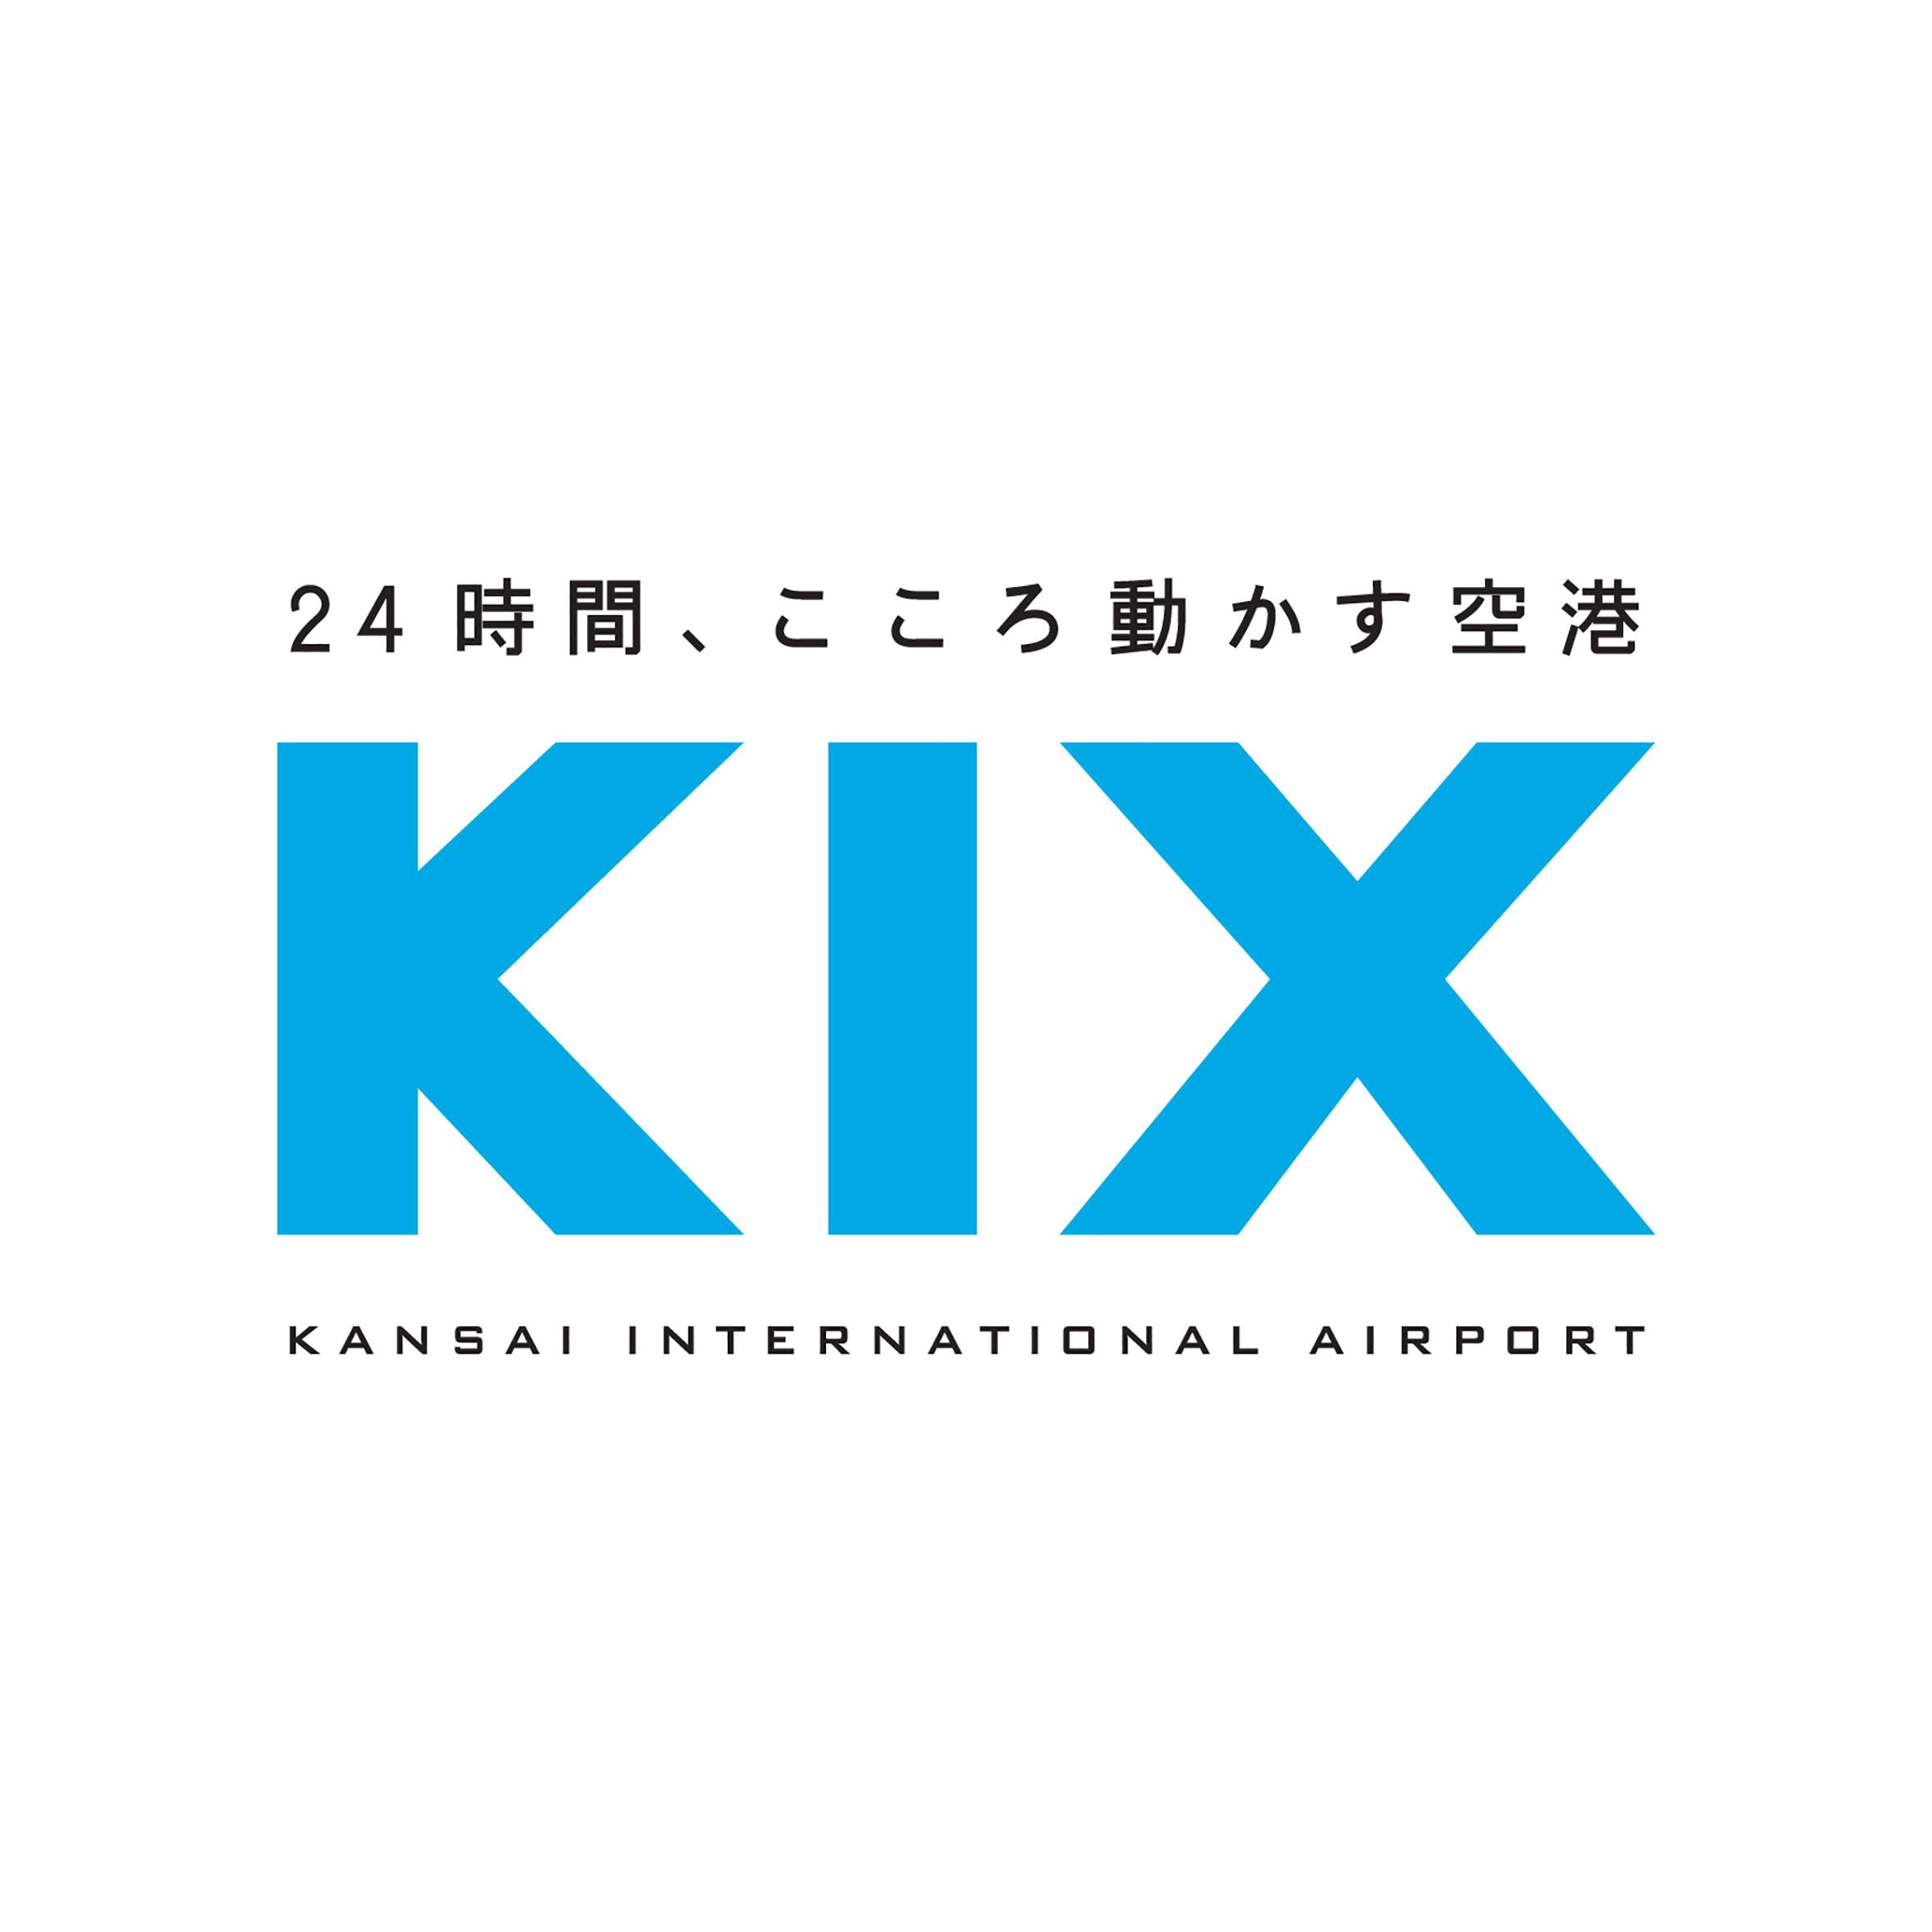 0412_KIX_logoManual_CS3_ol.ai